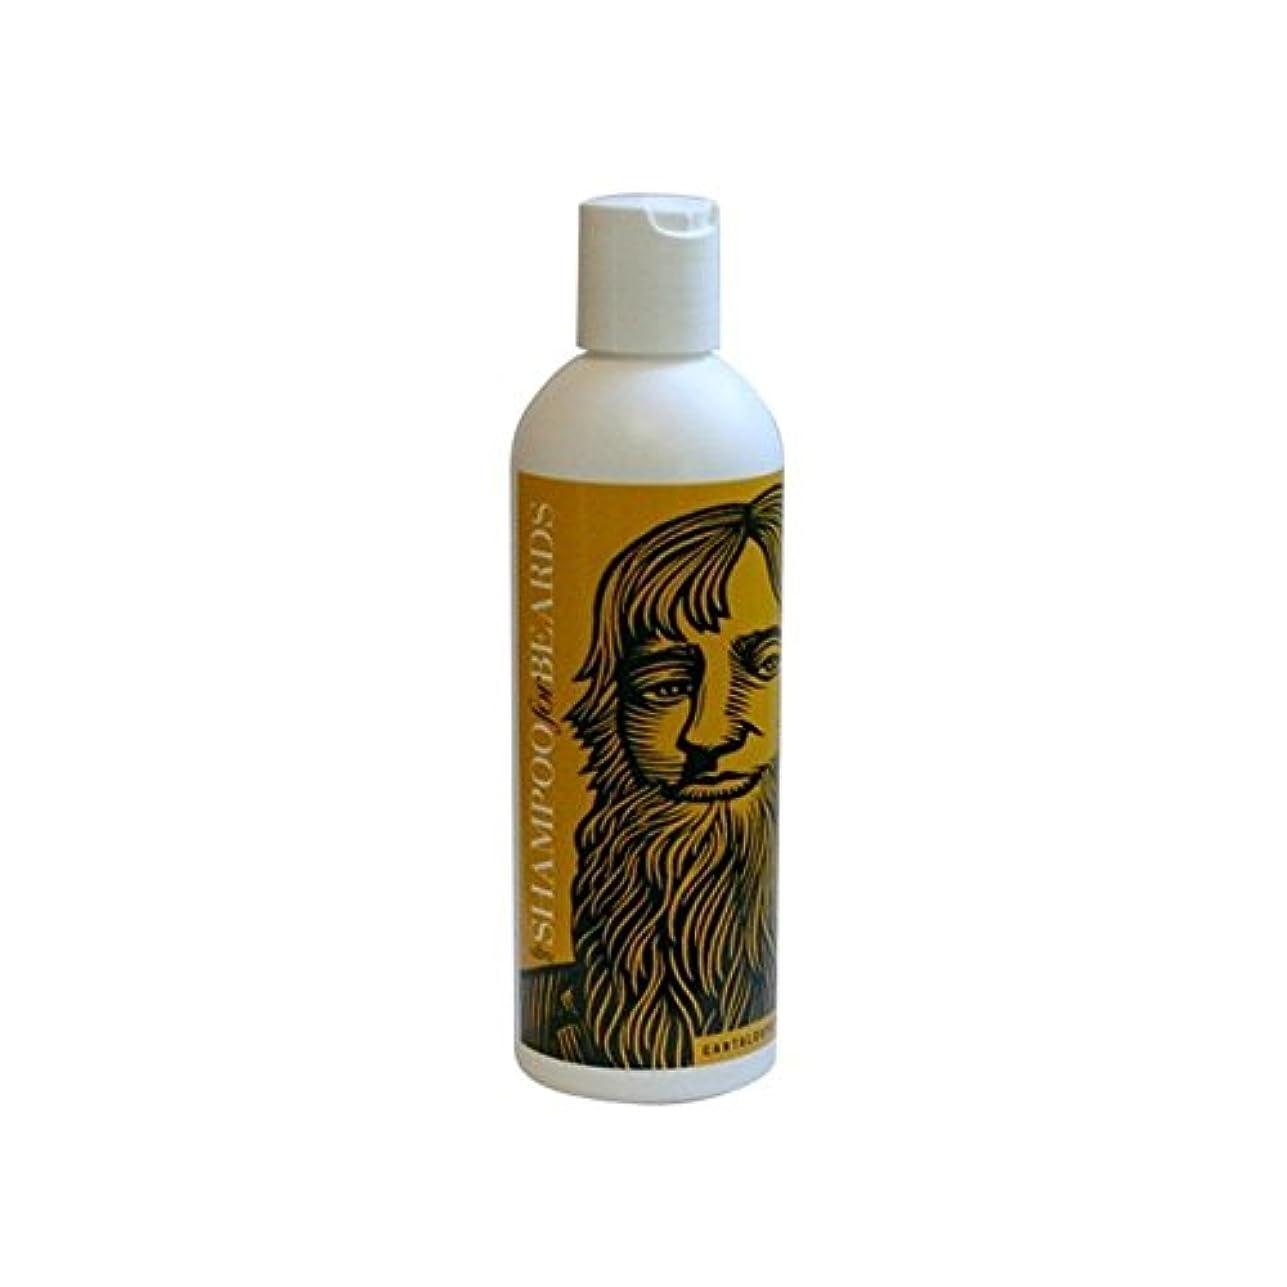 六分儀フルーティー詩ビアズリー超シャンプー - カンタロープメロン(237ミリリットル) x2 - Beardsley Ultra Shampoo - Cantaloupe Melon (237ml) (Pack of 2) [並行輸入品]